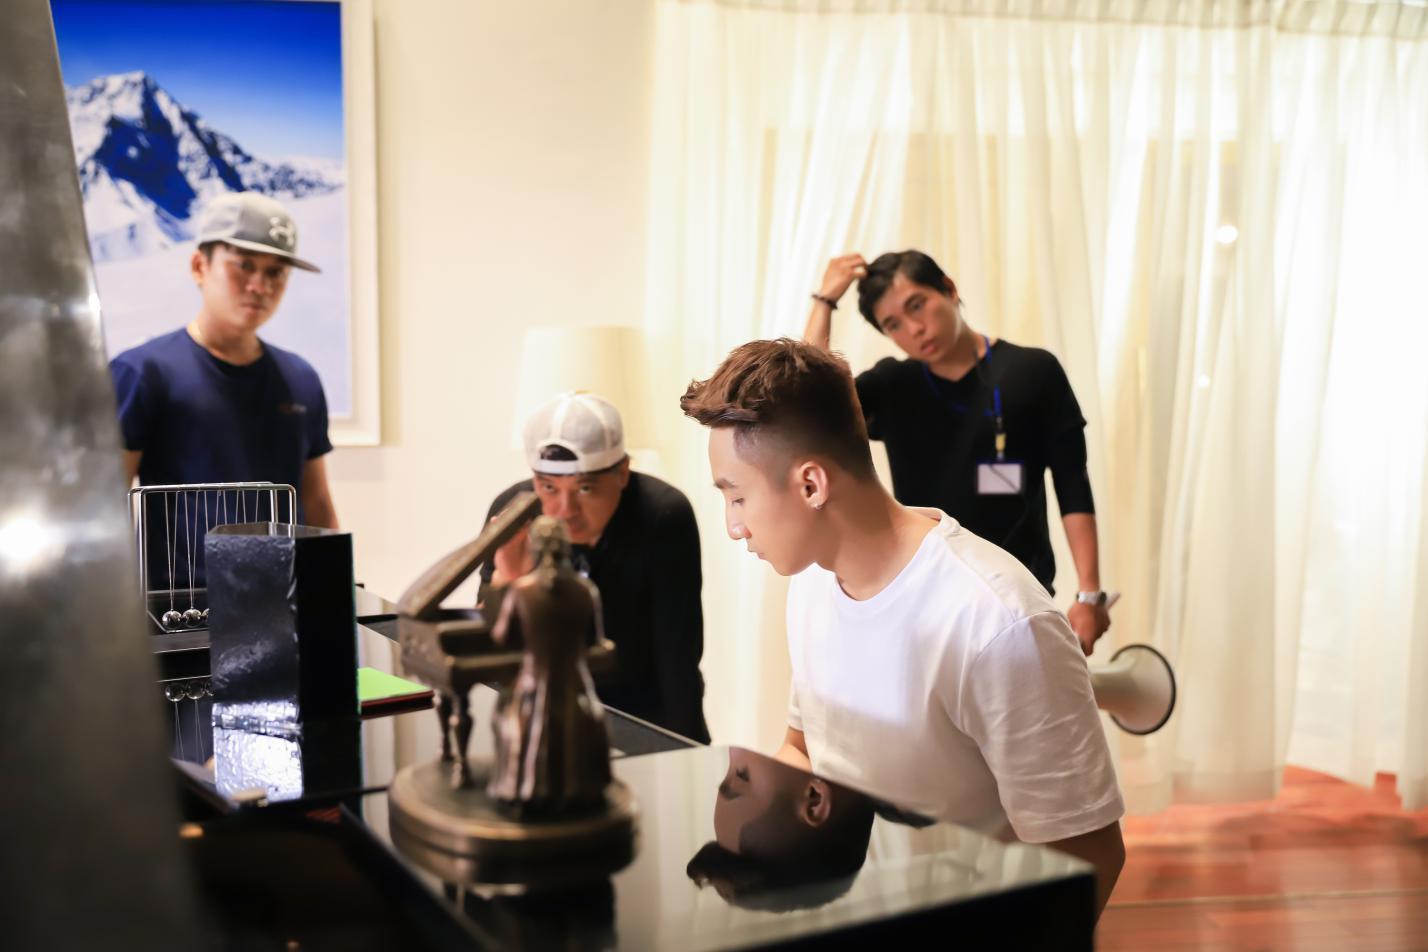 """Lộ ảnh hậu trường của Sơn Tùng M-TP và đạo diễn """"triệu đô"""" Em chưa 18 trong dự án mới của GO-VIET - Ảnh 1."""